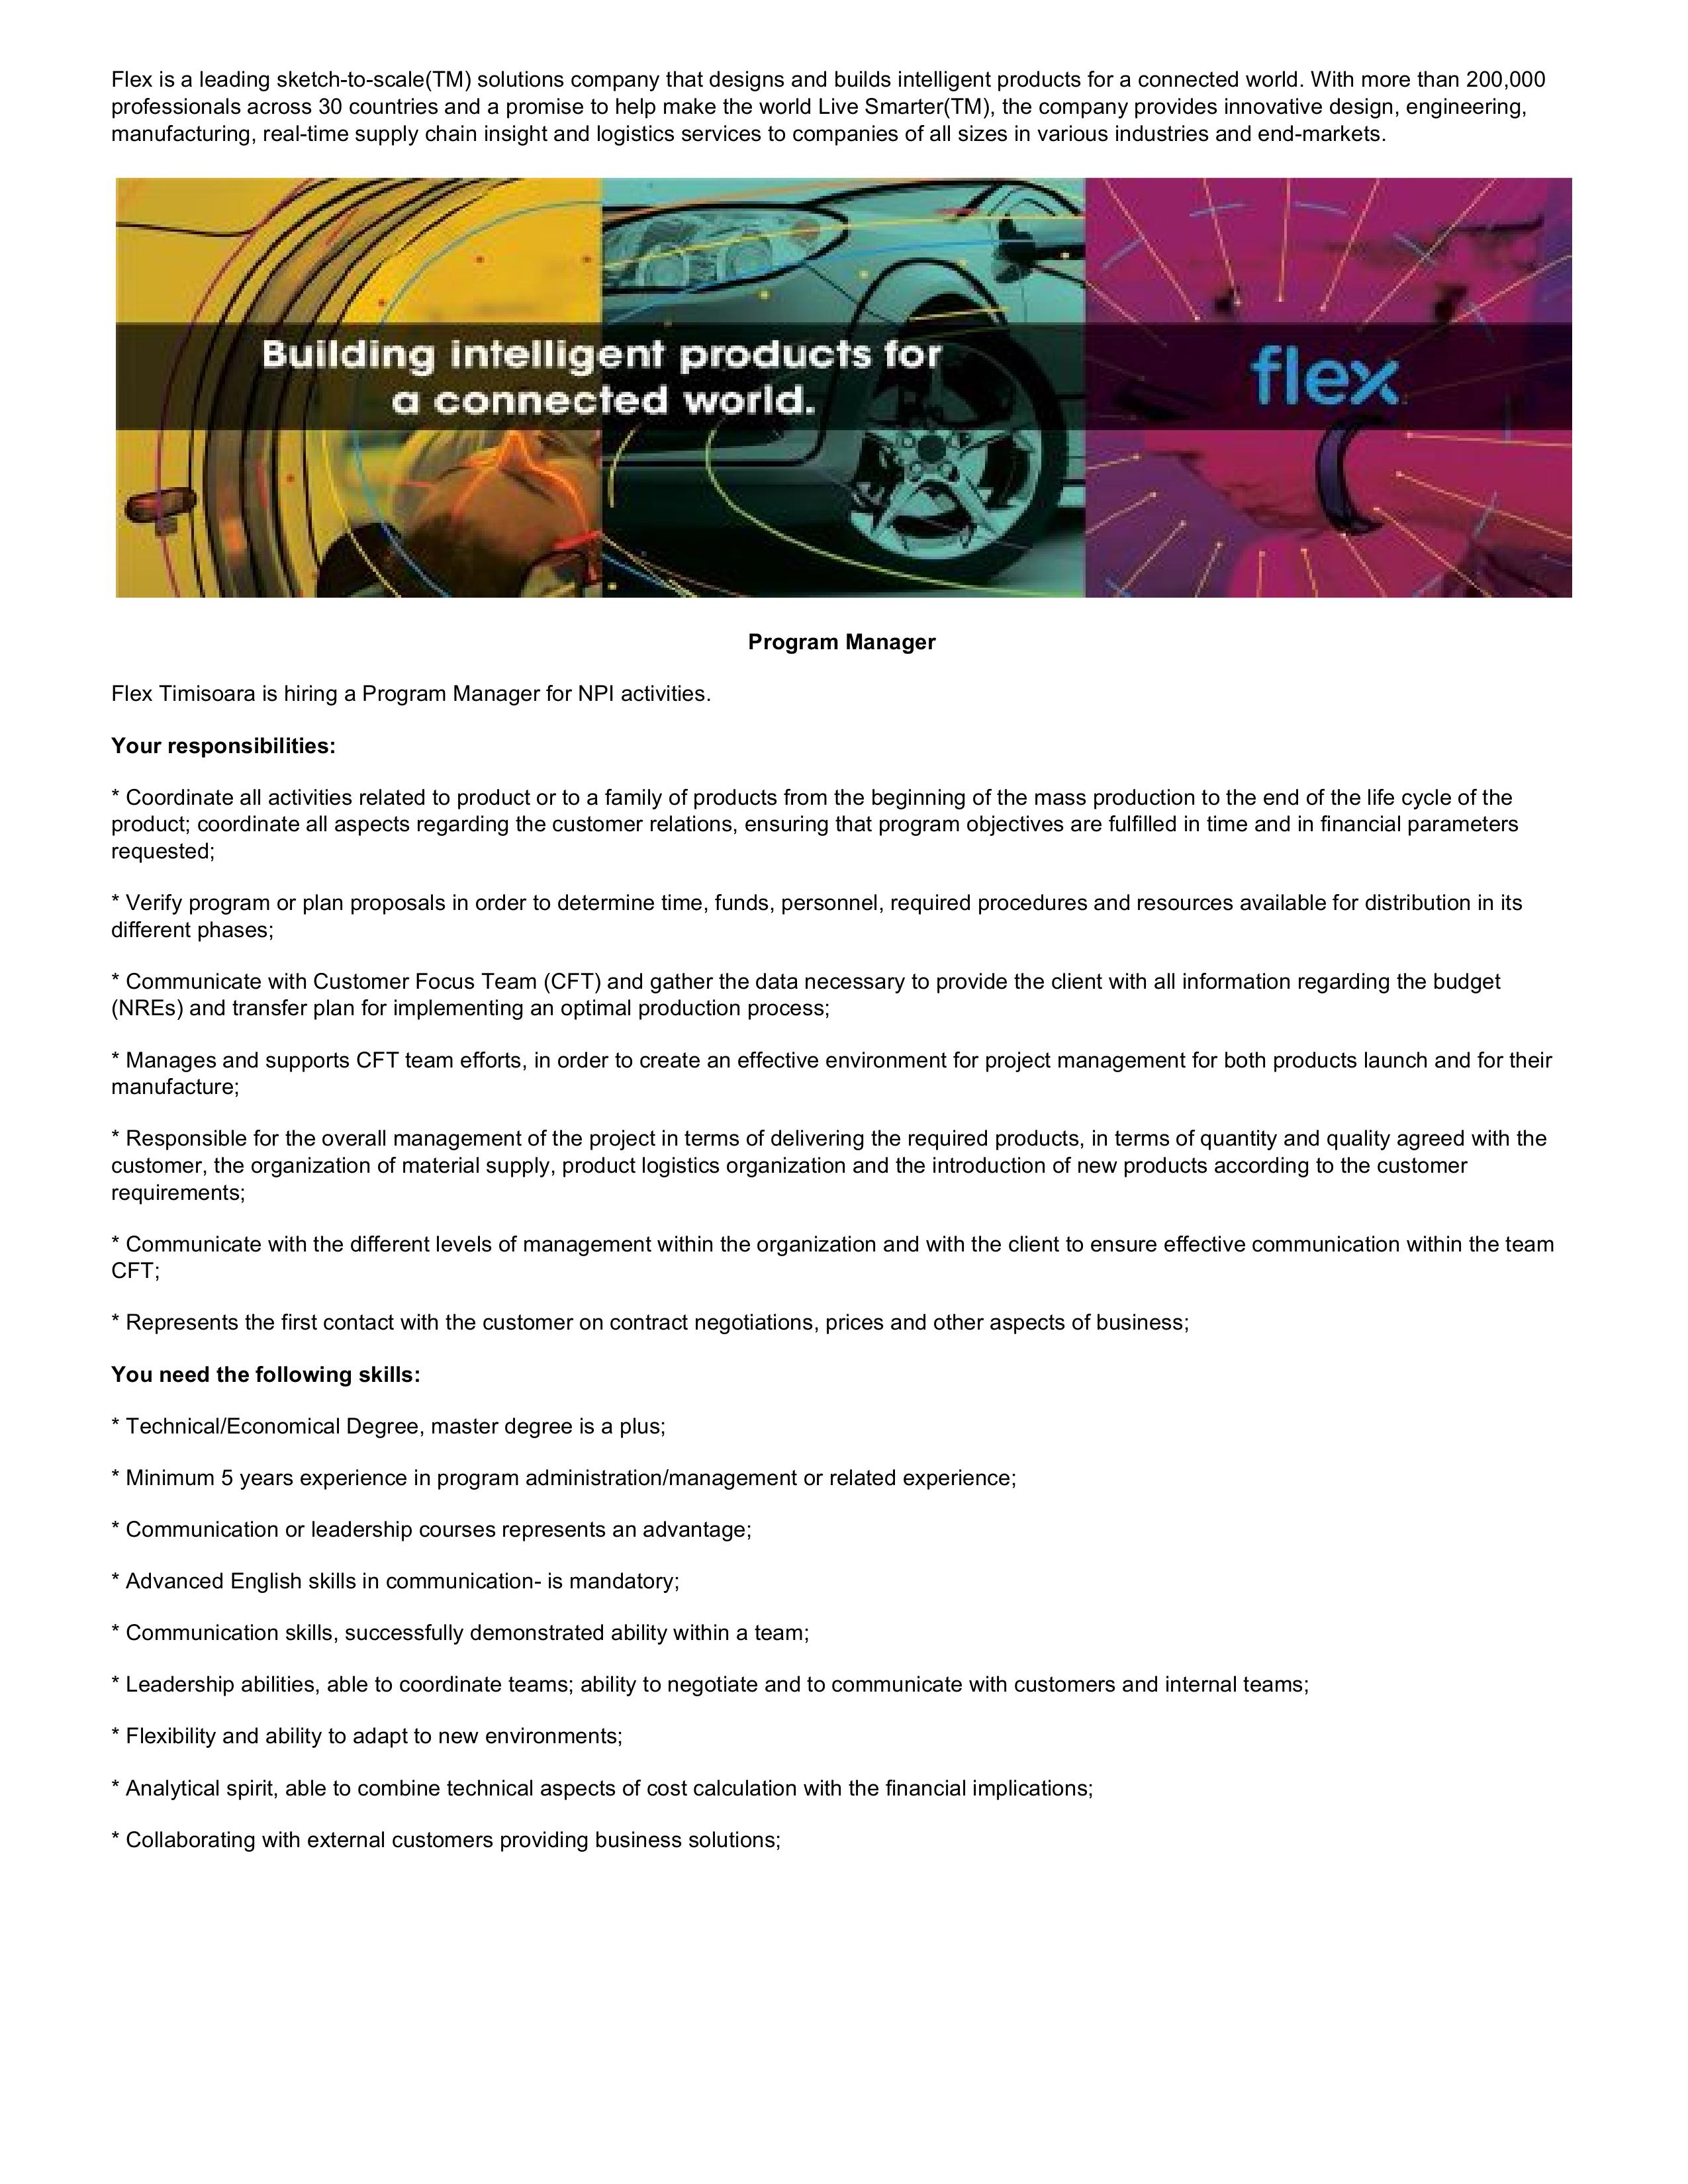 Flex (14)